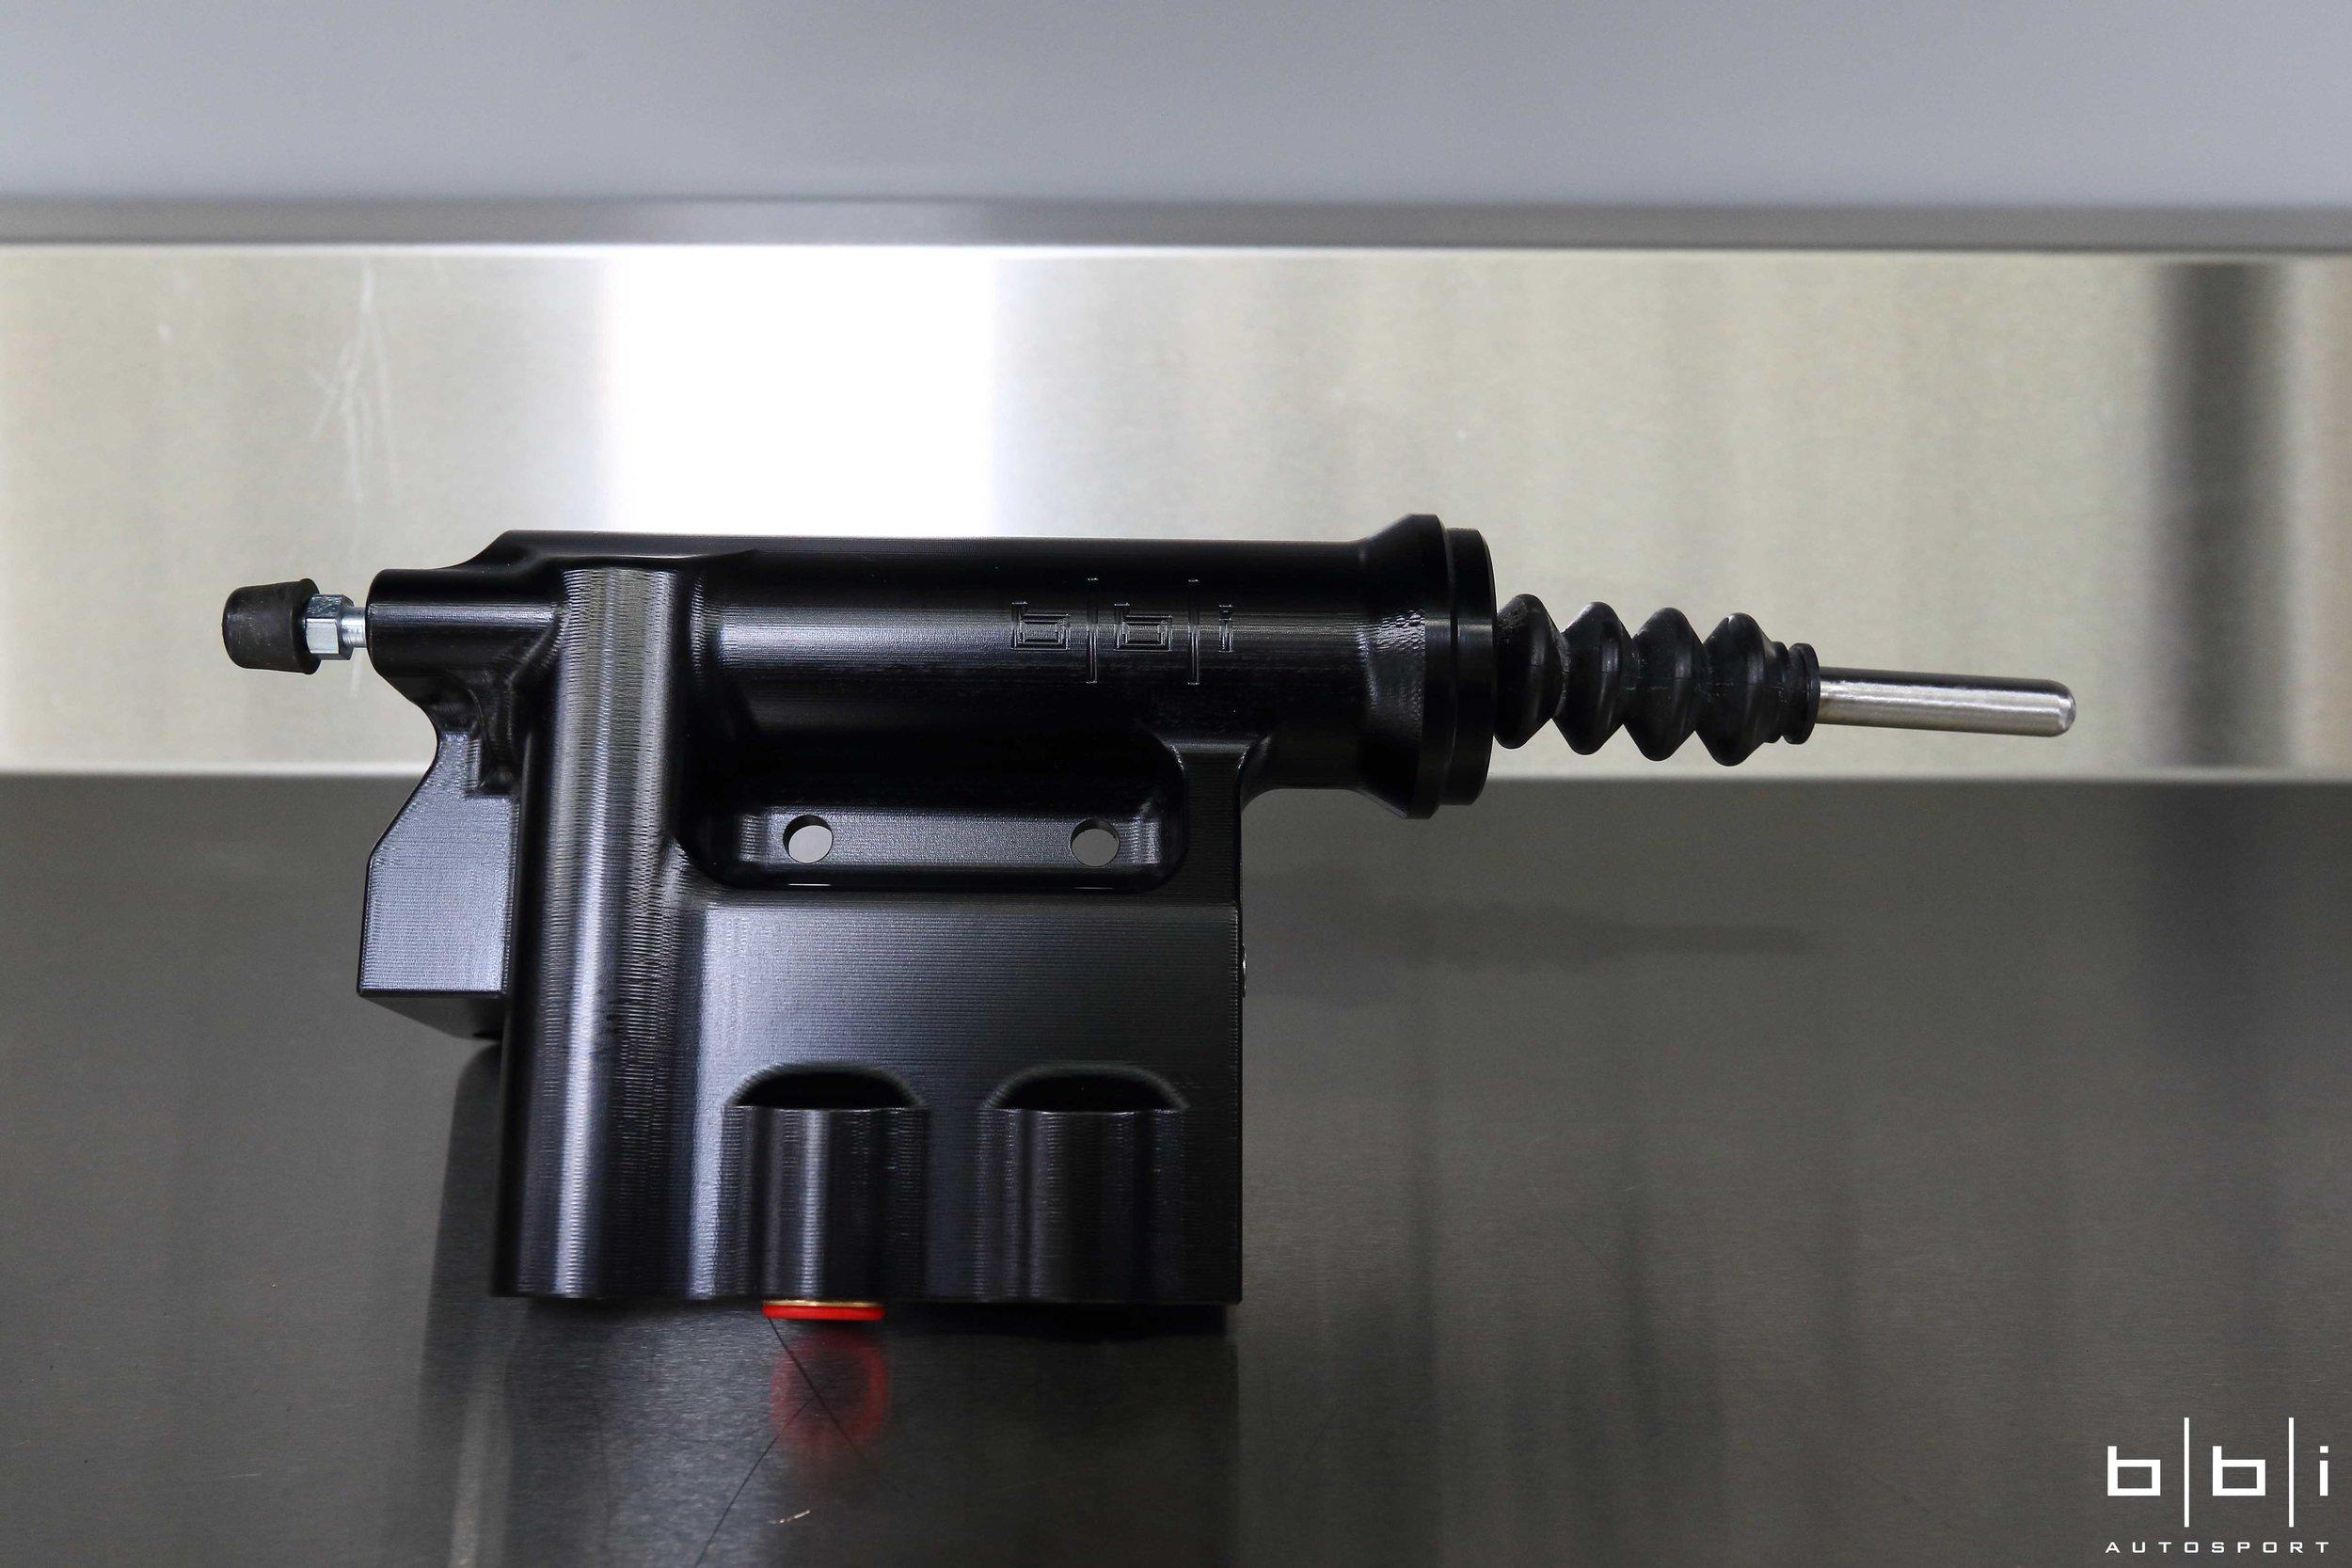 BBi 996/997 Turbo GT2 Style Slave Cylinder Conversion Kit